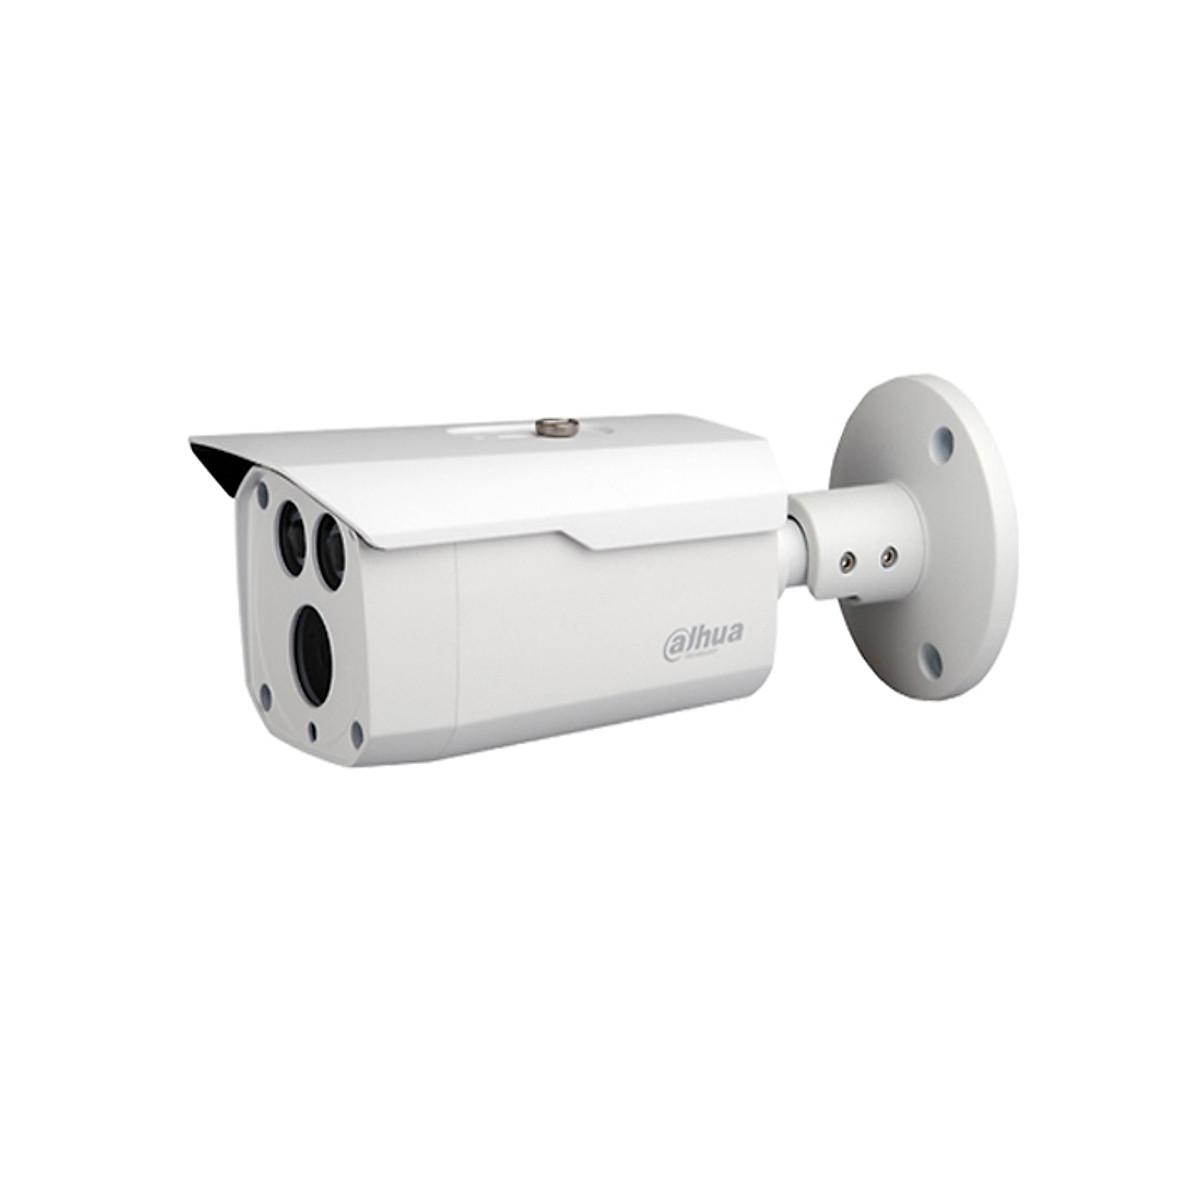 Camera HD-CVI thân trụ 5.0 Mega Pixel hồng ngoại 80m Dahua HAC-HFW1500DP – Hàng nhập khẩu